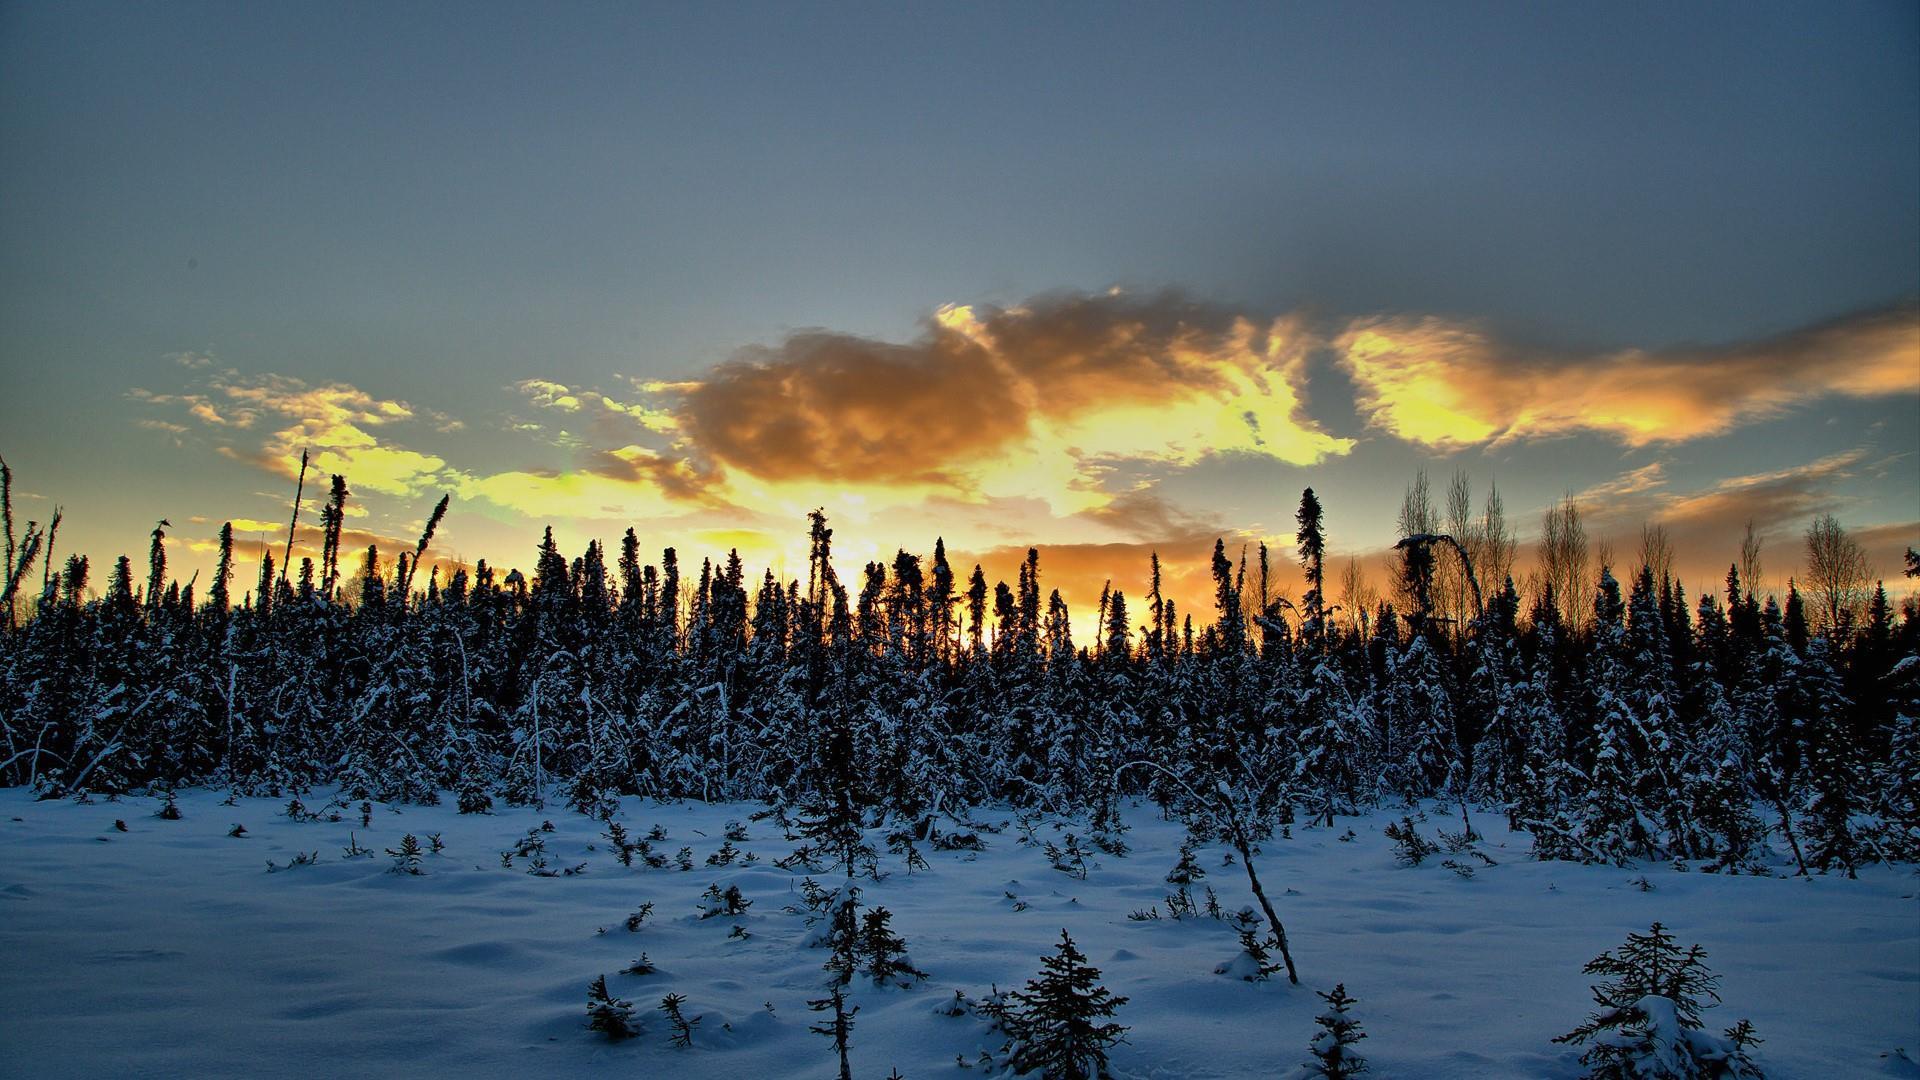 Alaskan winter landscape wallpaper